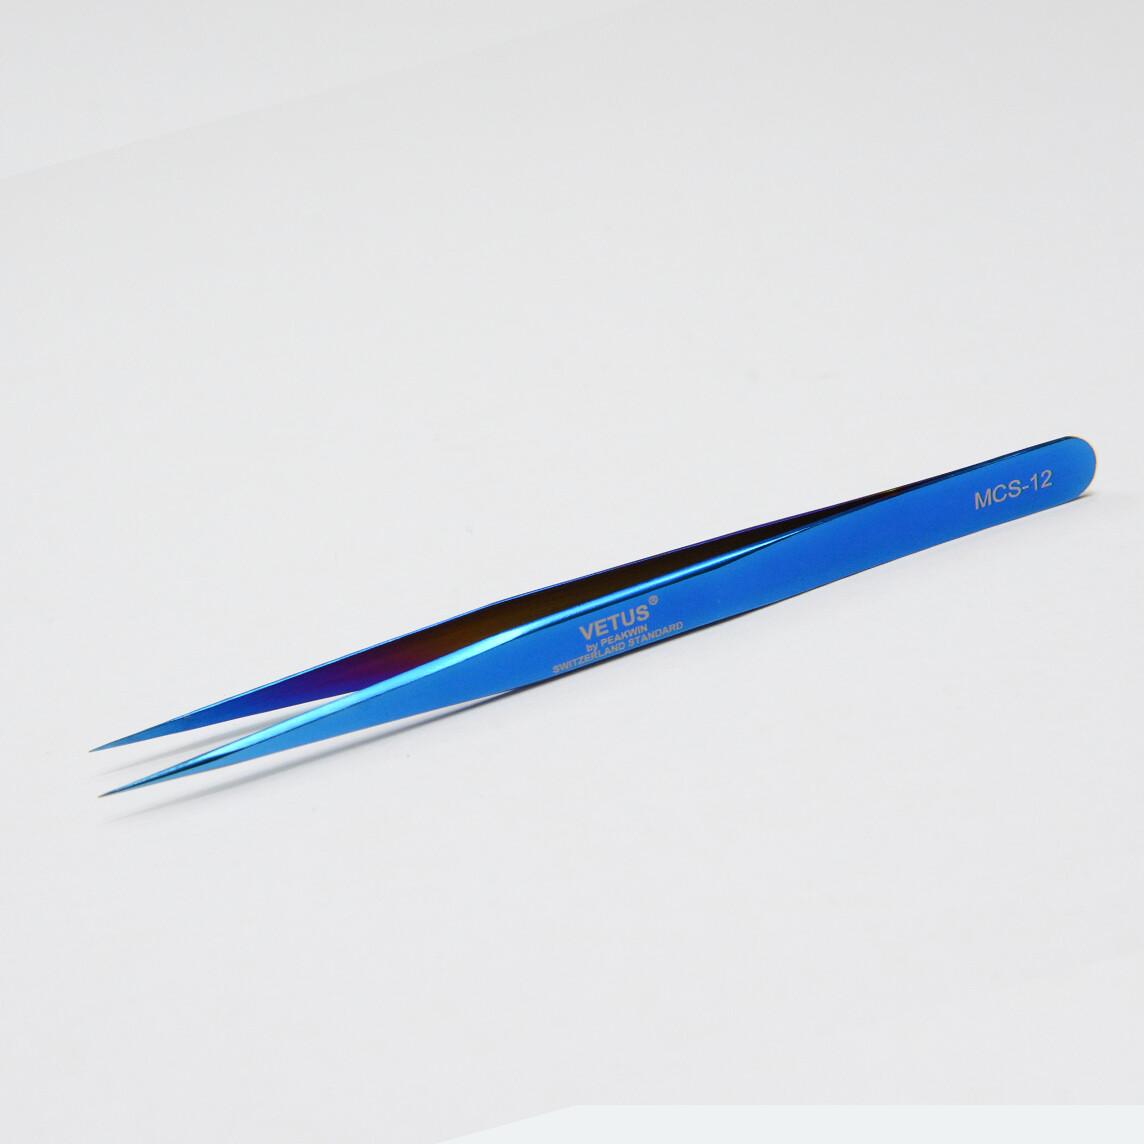 Pinzas ultra finas rectas azul VETUS